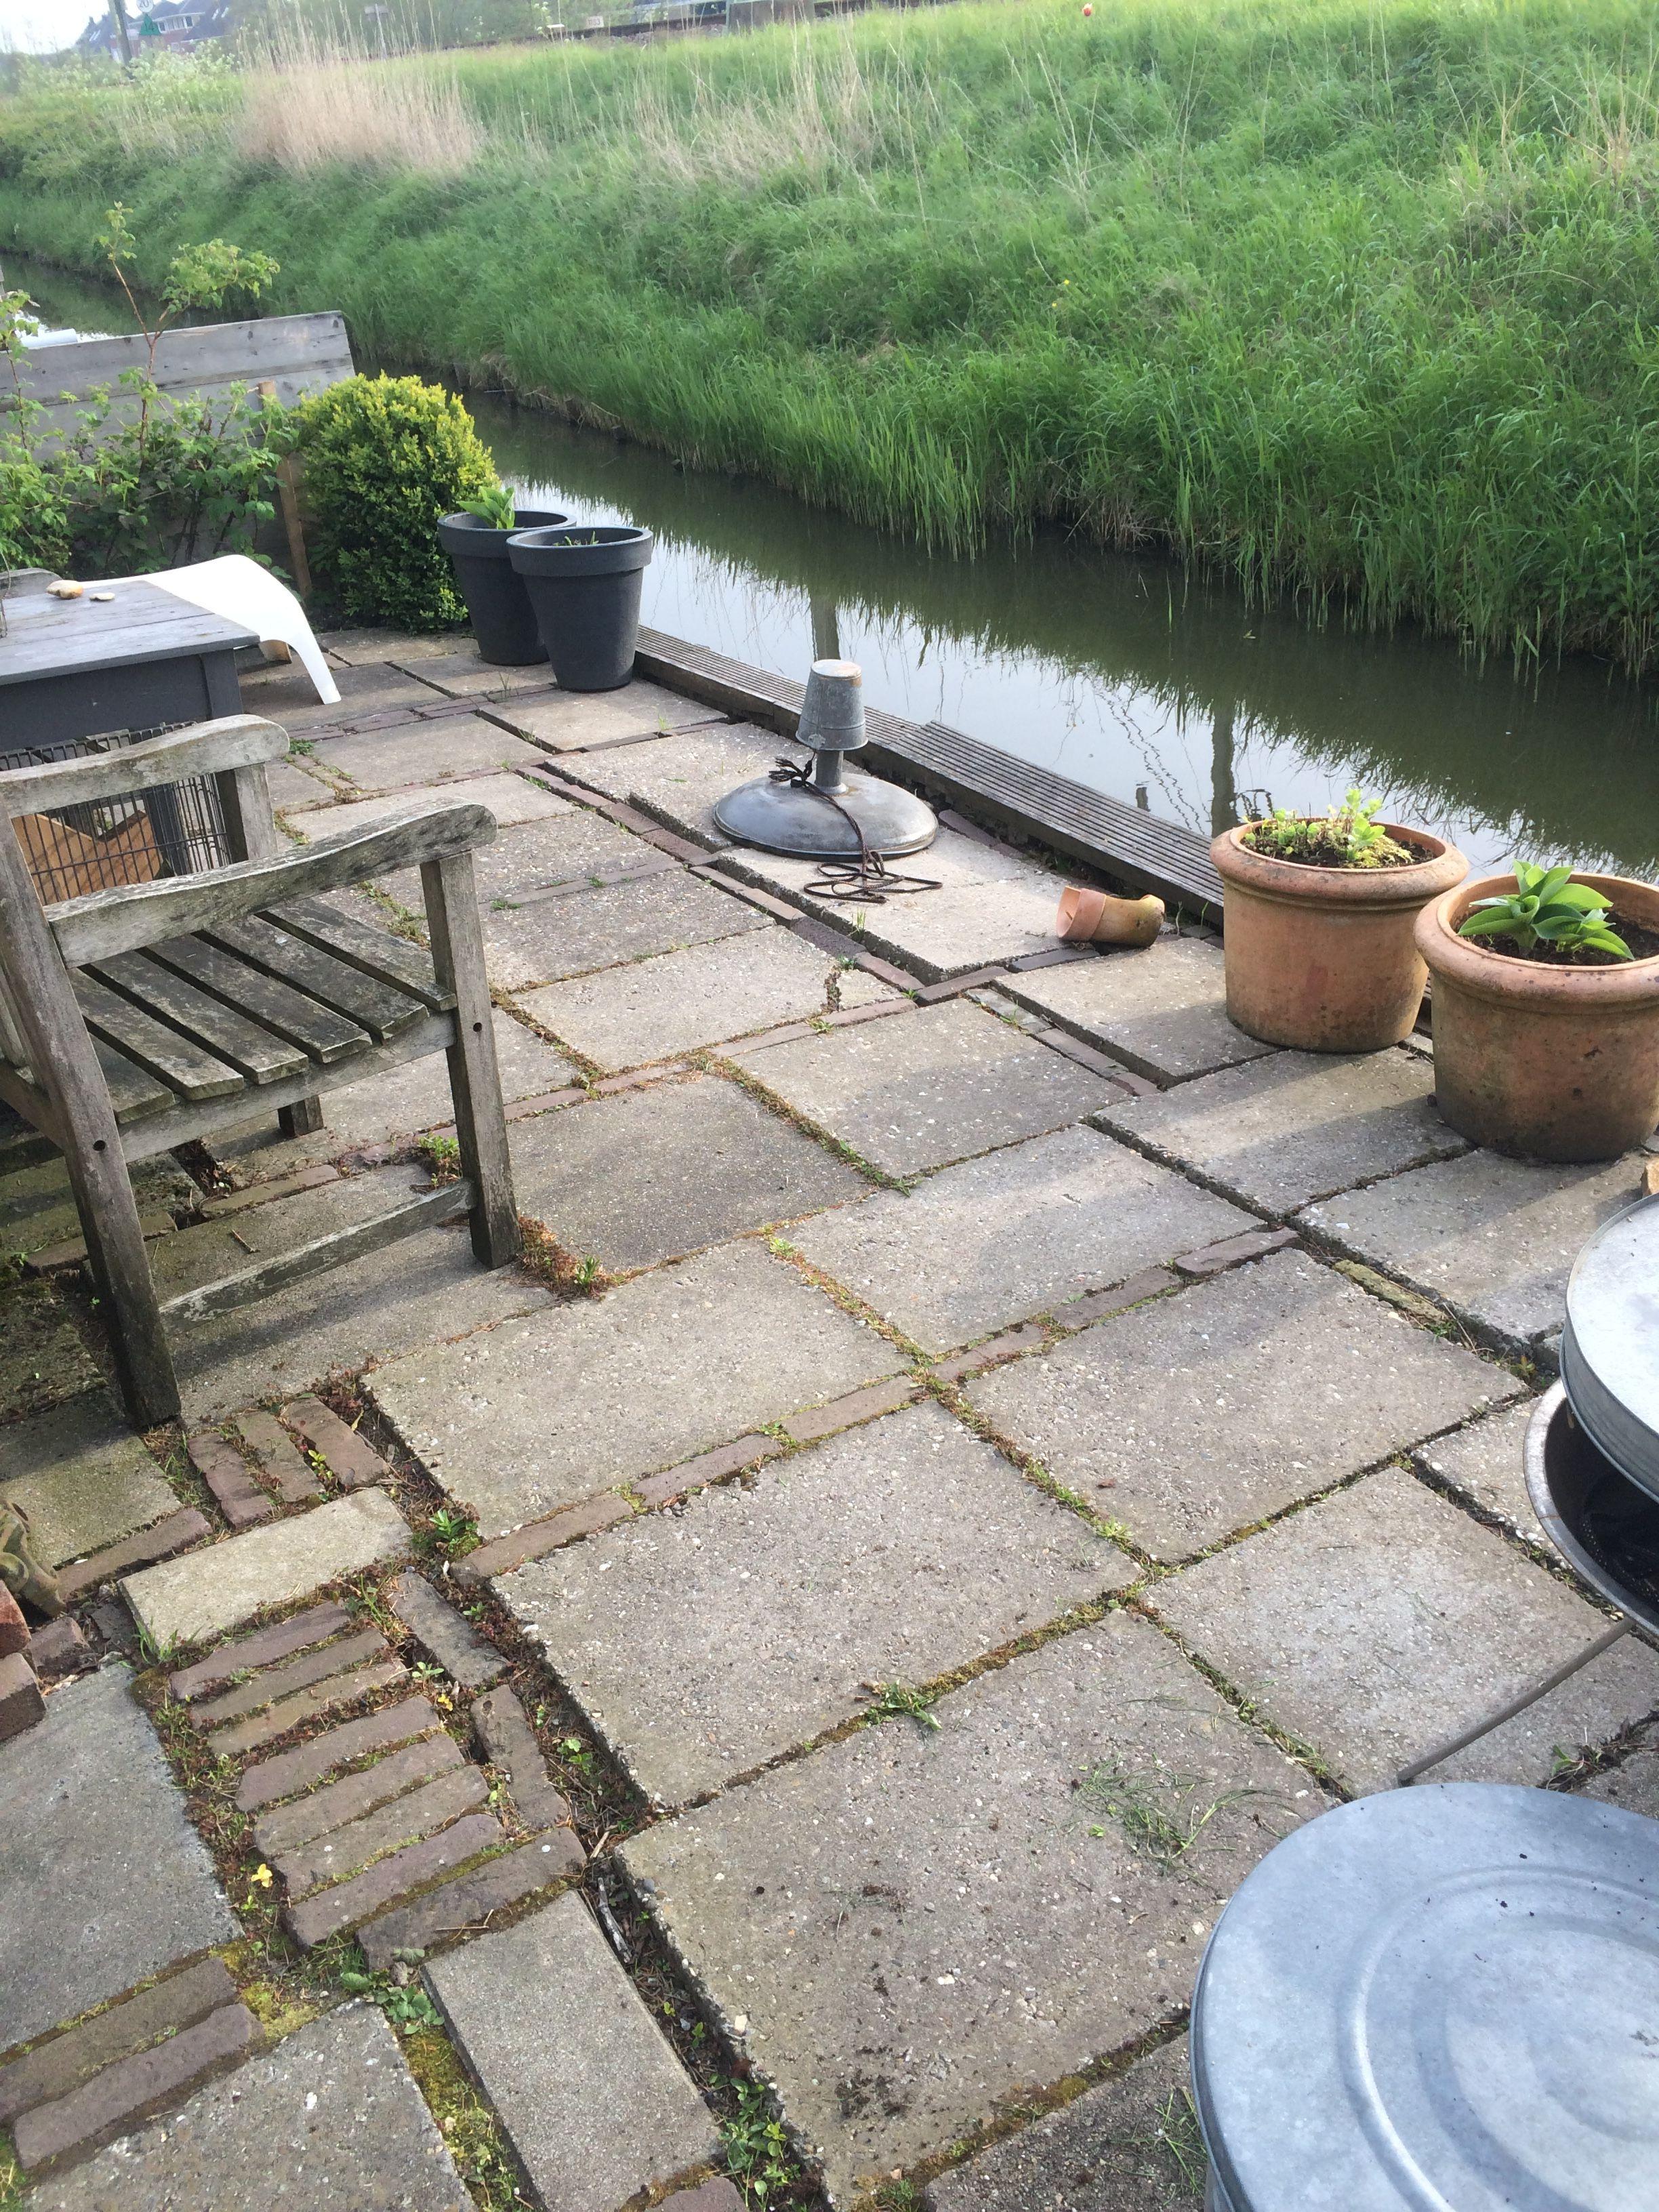 Mijn eigen tuin - 5 Terras ' aan het water' ( slootje:-) waar ik graag wegdroom over een mooie vlonder...